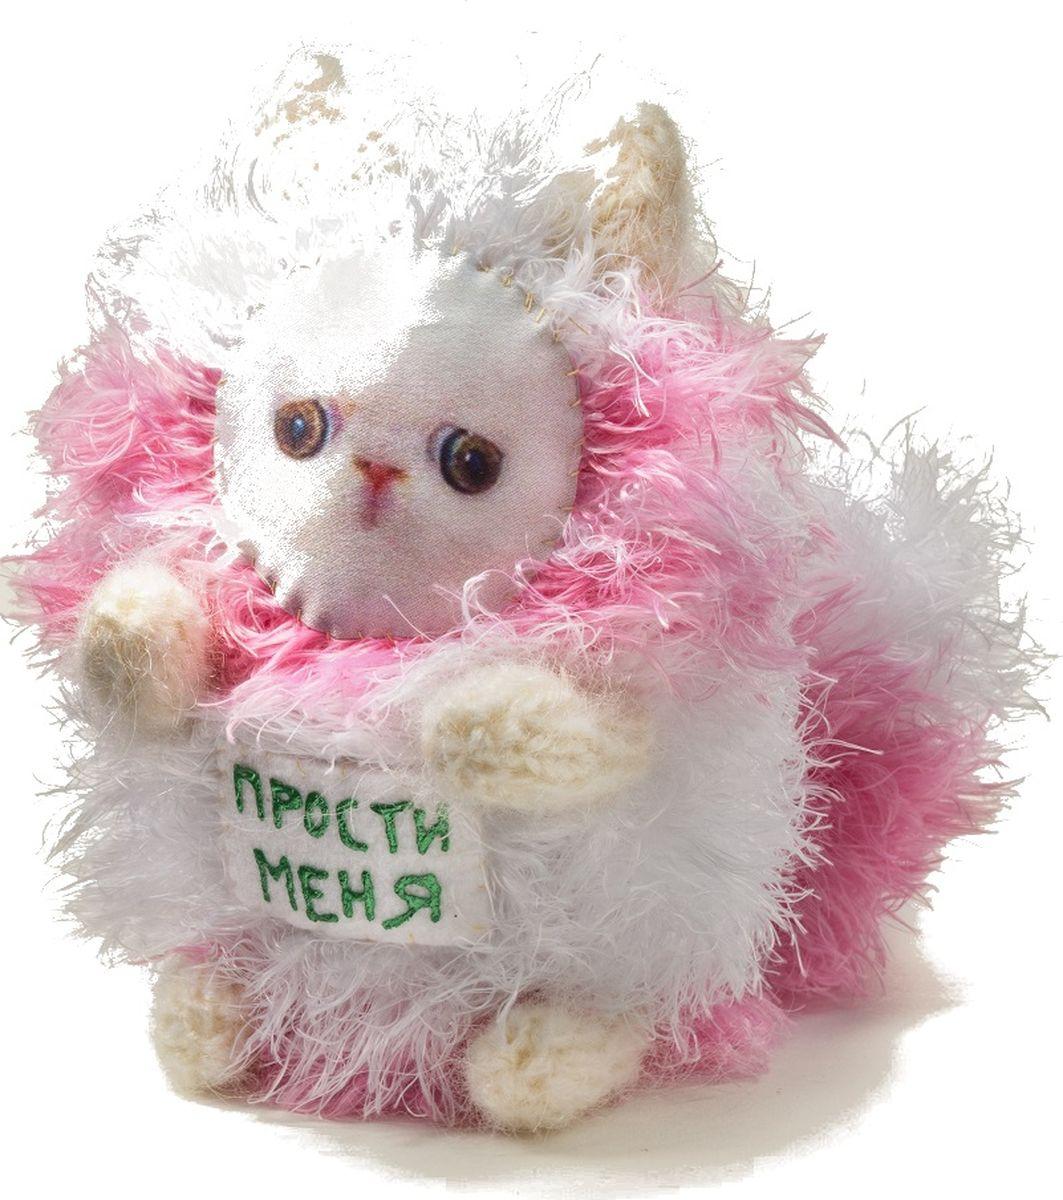 Мягкая игрушка Бюро находок Котик. Прости меня, цвет: белый мягкая игрушка бюро находок котик с деньгами ж цвет темно красный